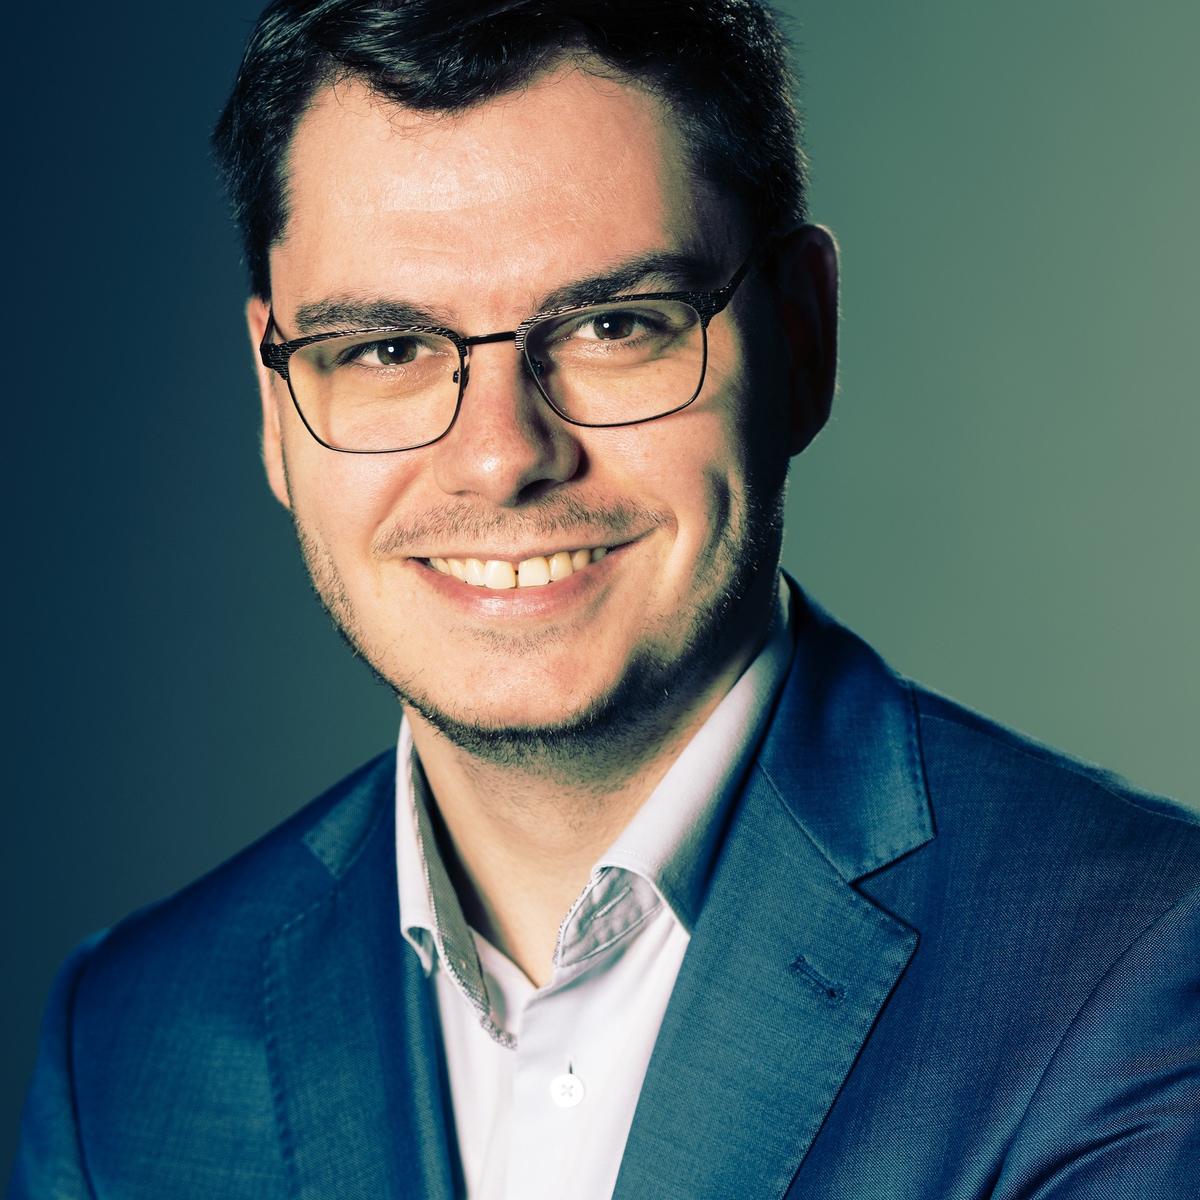 Sander van Hassel